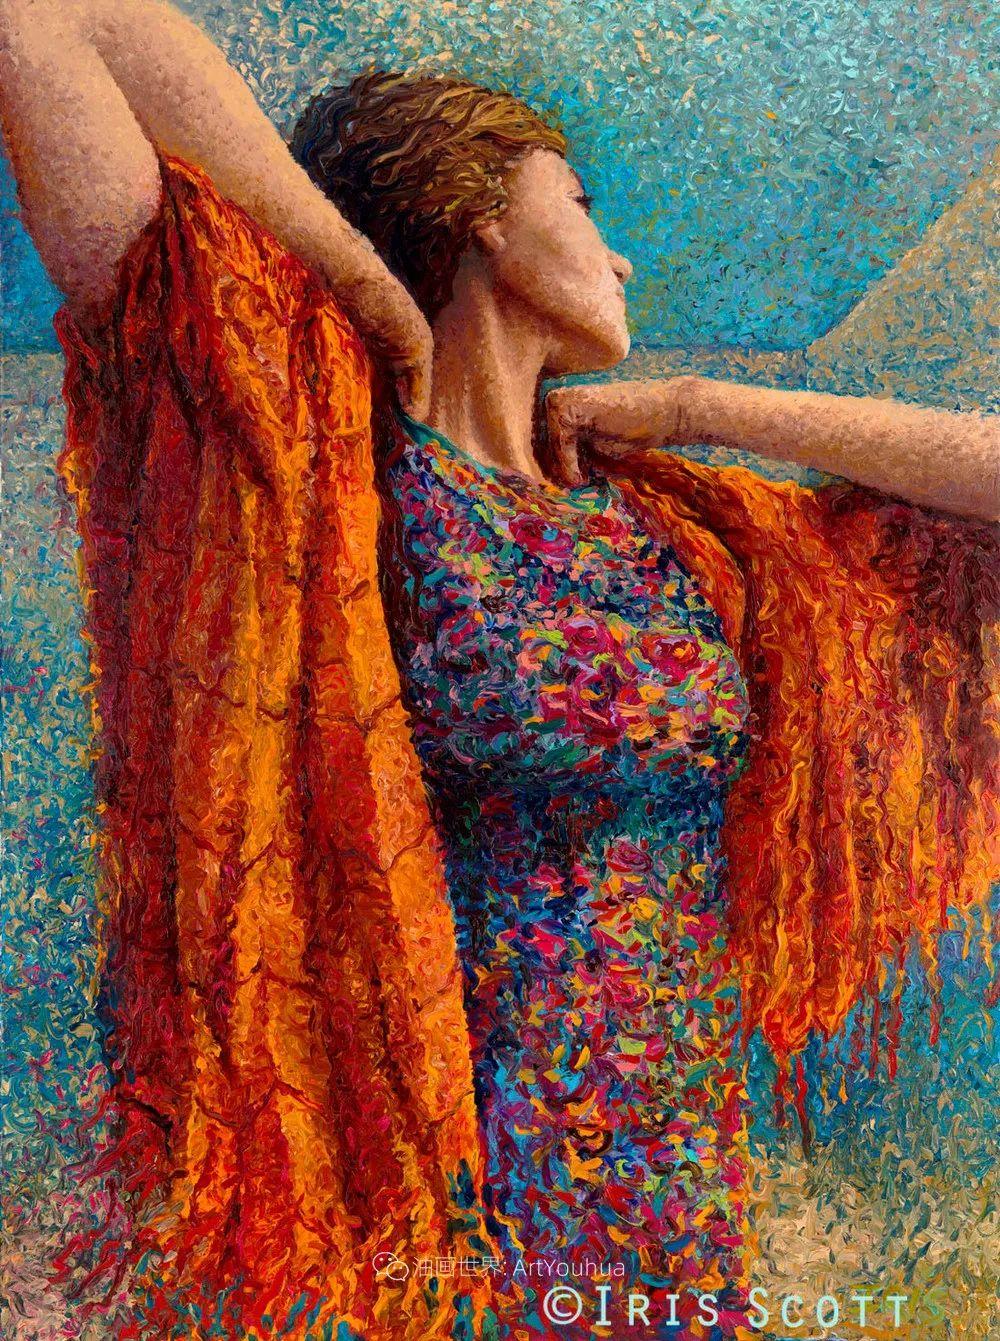 用颜料触摸这个世界!美国画家Iris Scott画选(下)——人物街景篇插图17